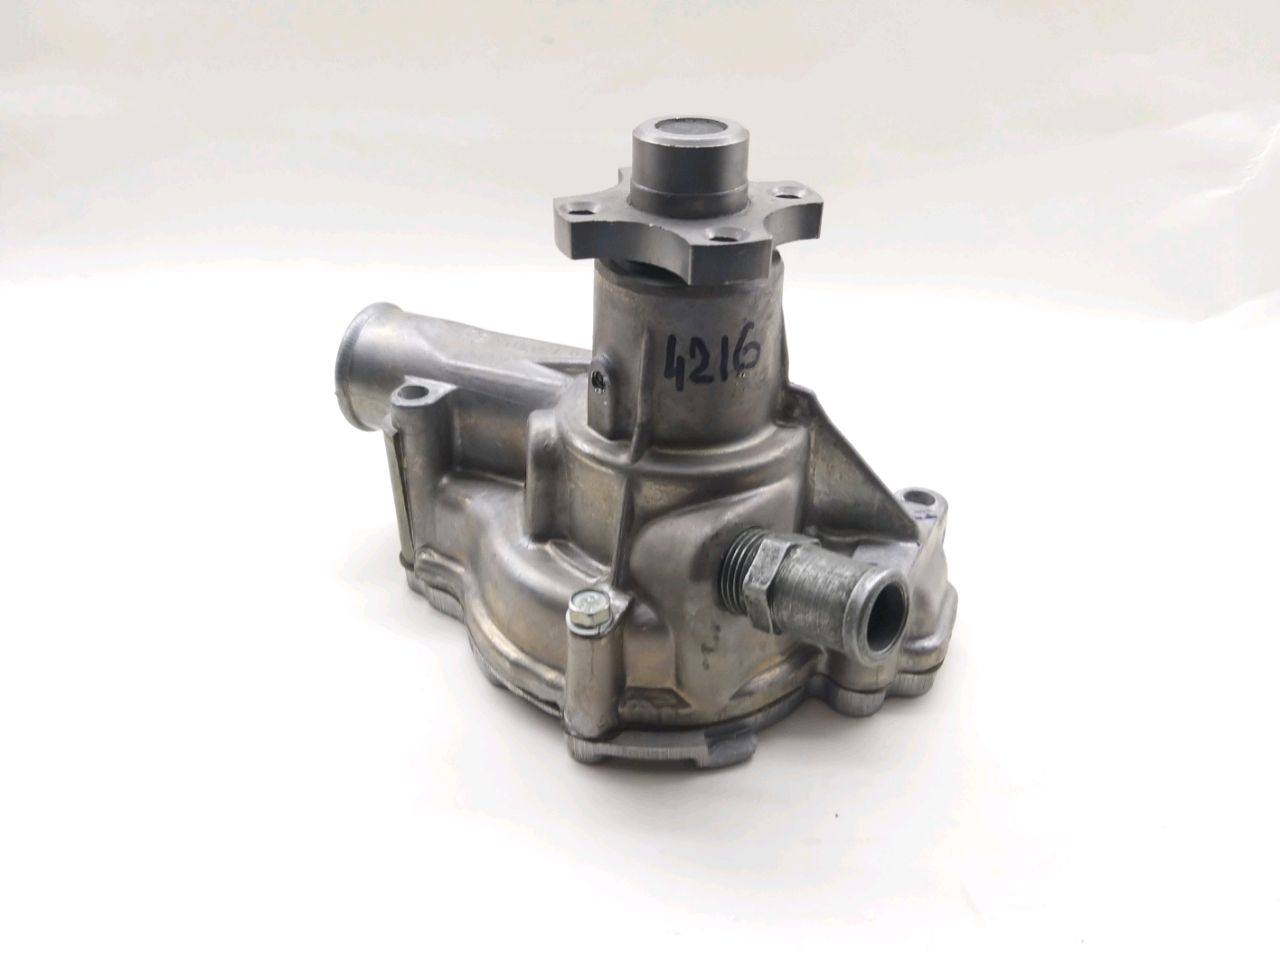 Pompa de apa GAZ UMZ-4216